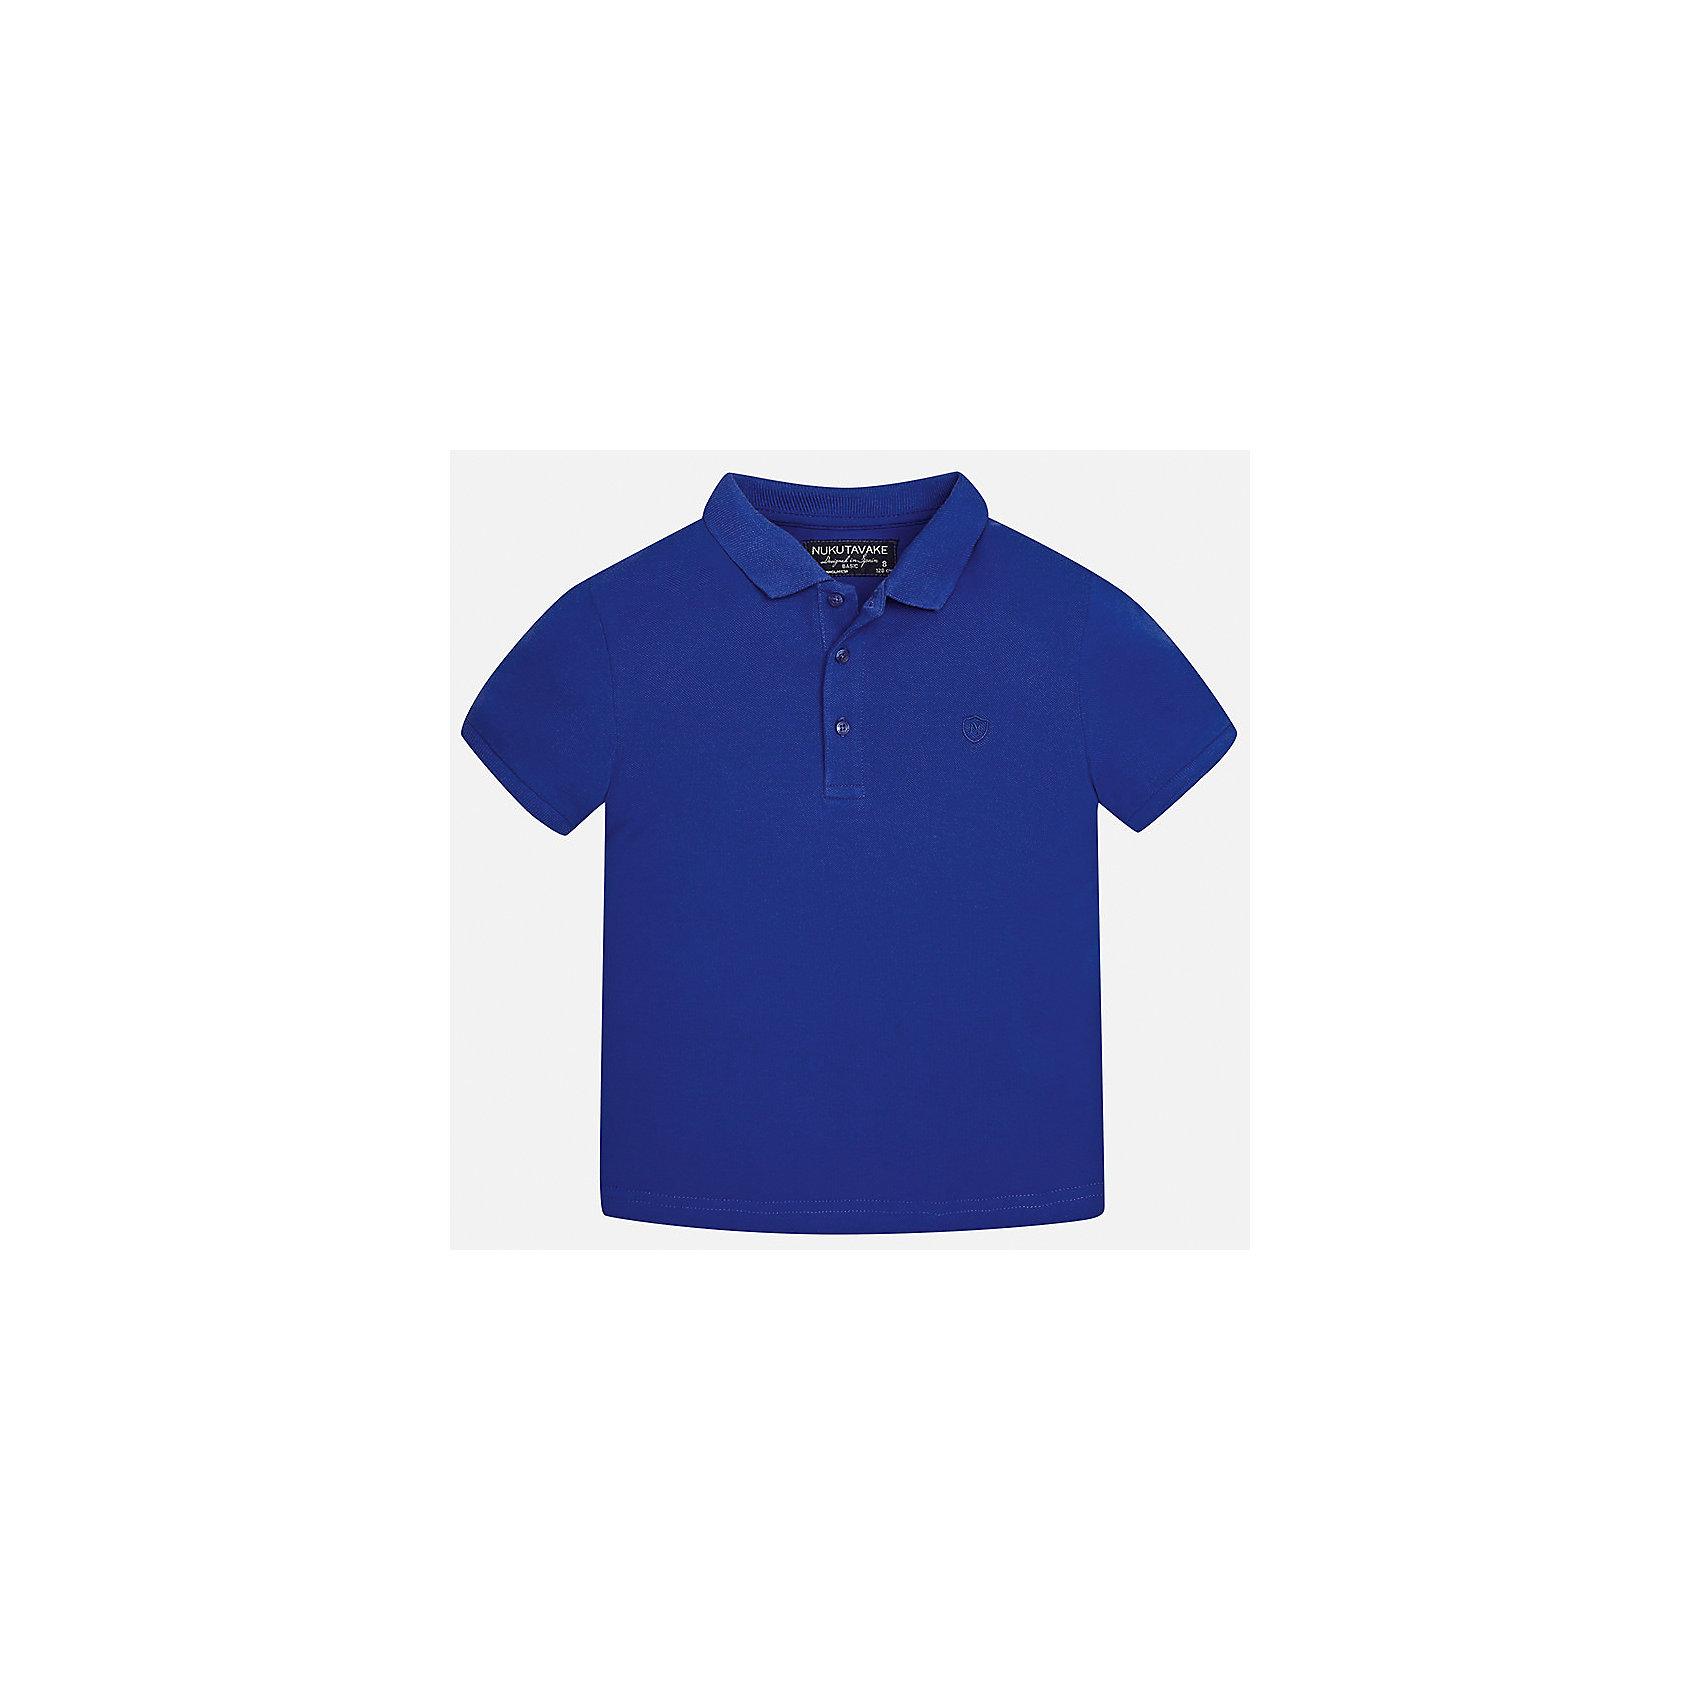 Футболка-поло для мальчика MayoralФутболки, поло и топы<br>Характеристики товара:<br><br>• цвет: синий<br>• состав: 100% хлопок<br>• отложной воротник<br>• короткие рукава<br>• застежка: пуговицы<br>• страна бренда: Испания<br><br>Удобная и модная футболка-поло для мальчика может стать базовой вещью в гардеробе ребенка. Она отлично сочетается с брюками, шортами, джинсами и т.д. Универсальный крой и цвет позволяет подобрать к вещи низ разных расцветок. Практичное и стильное изделие! В составе материала - только натуральный хлопок, гипоаллергенный, приятный на ощупь, дышащий.<br><br>Одежда, обувь и аксессуары от испанского бренда Mayoral полюбились детям и взрослым по всему миру. Модели этой марки - стильные и удобные. Для их производства используются только безопасные, качественные материалы и фурнитура. Порадуйте ребенка модными и красивыми вещами от Mayoral! <br><br>Футболку-поло для мальчика от испанского бренда Mayoral (Майорал) можно купить в нашем интернет-магазине.<br><br>Ширина мм: 230<br>Глубина мм: 40<br>Высота мм: 220<br>Вес г: 250<br>Цвет: синий<br>Возраст от месяцев: 132<br>Возраст до месяцев: 144<br>Пол: Мужской<br>Возраст: Детский<br>Размер: 158,152,140,128/134,170,164<br>SKU: 5278356